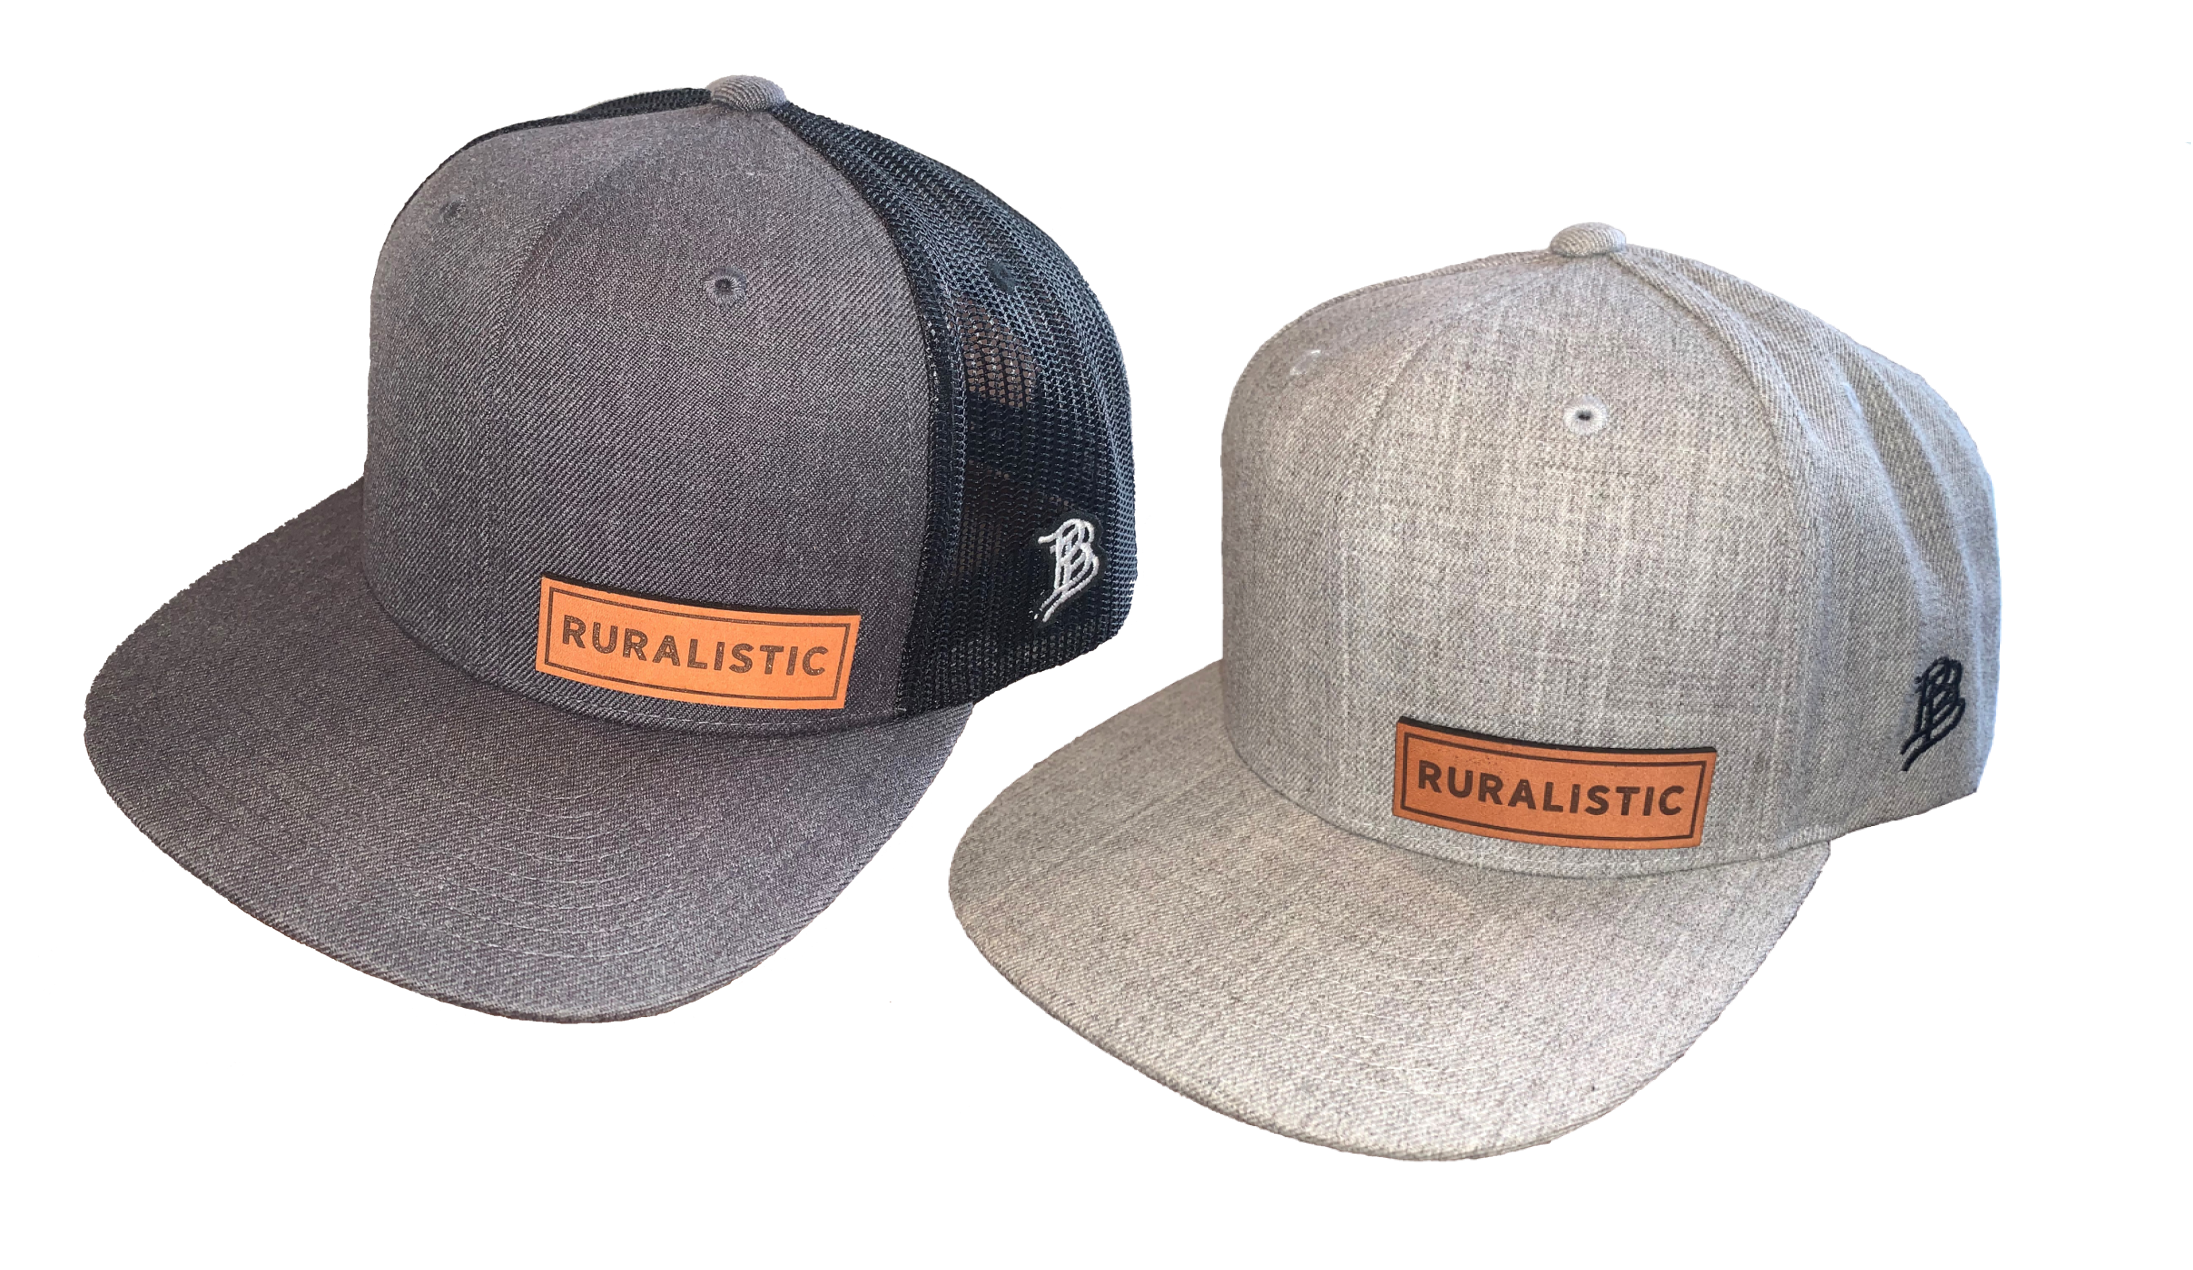 Ruralistic Trucker Hats